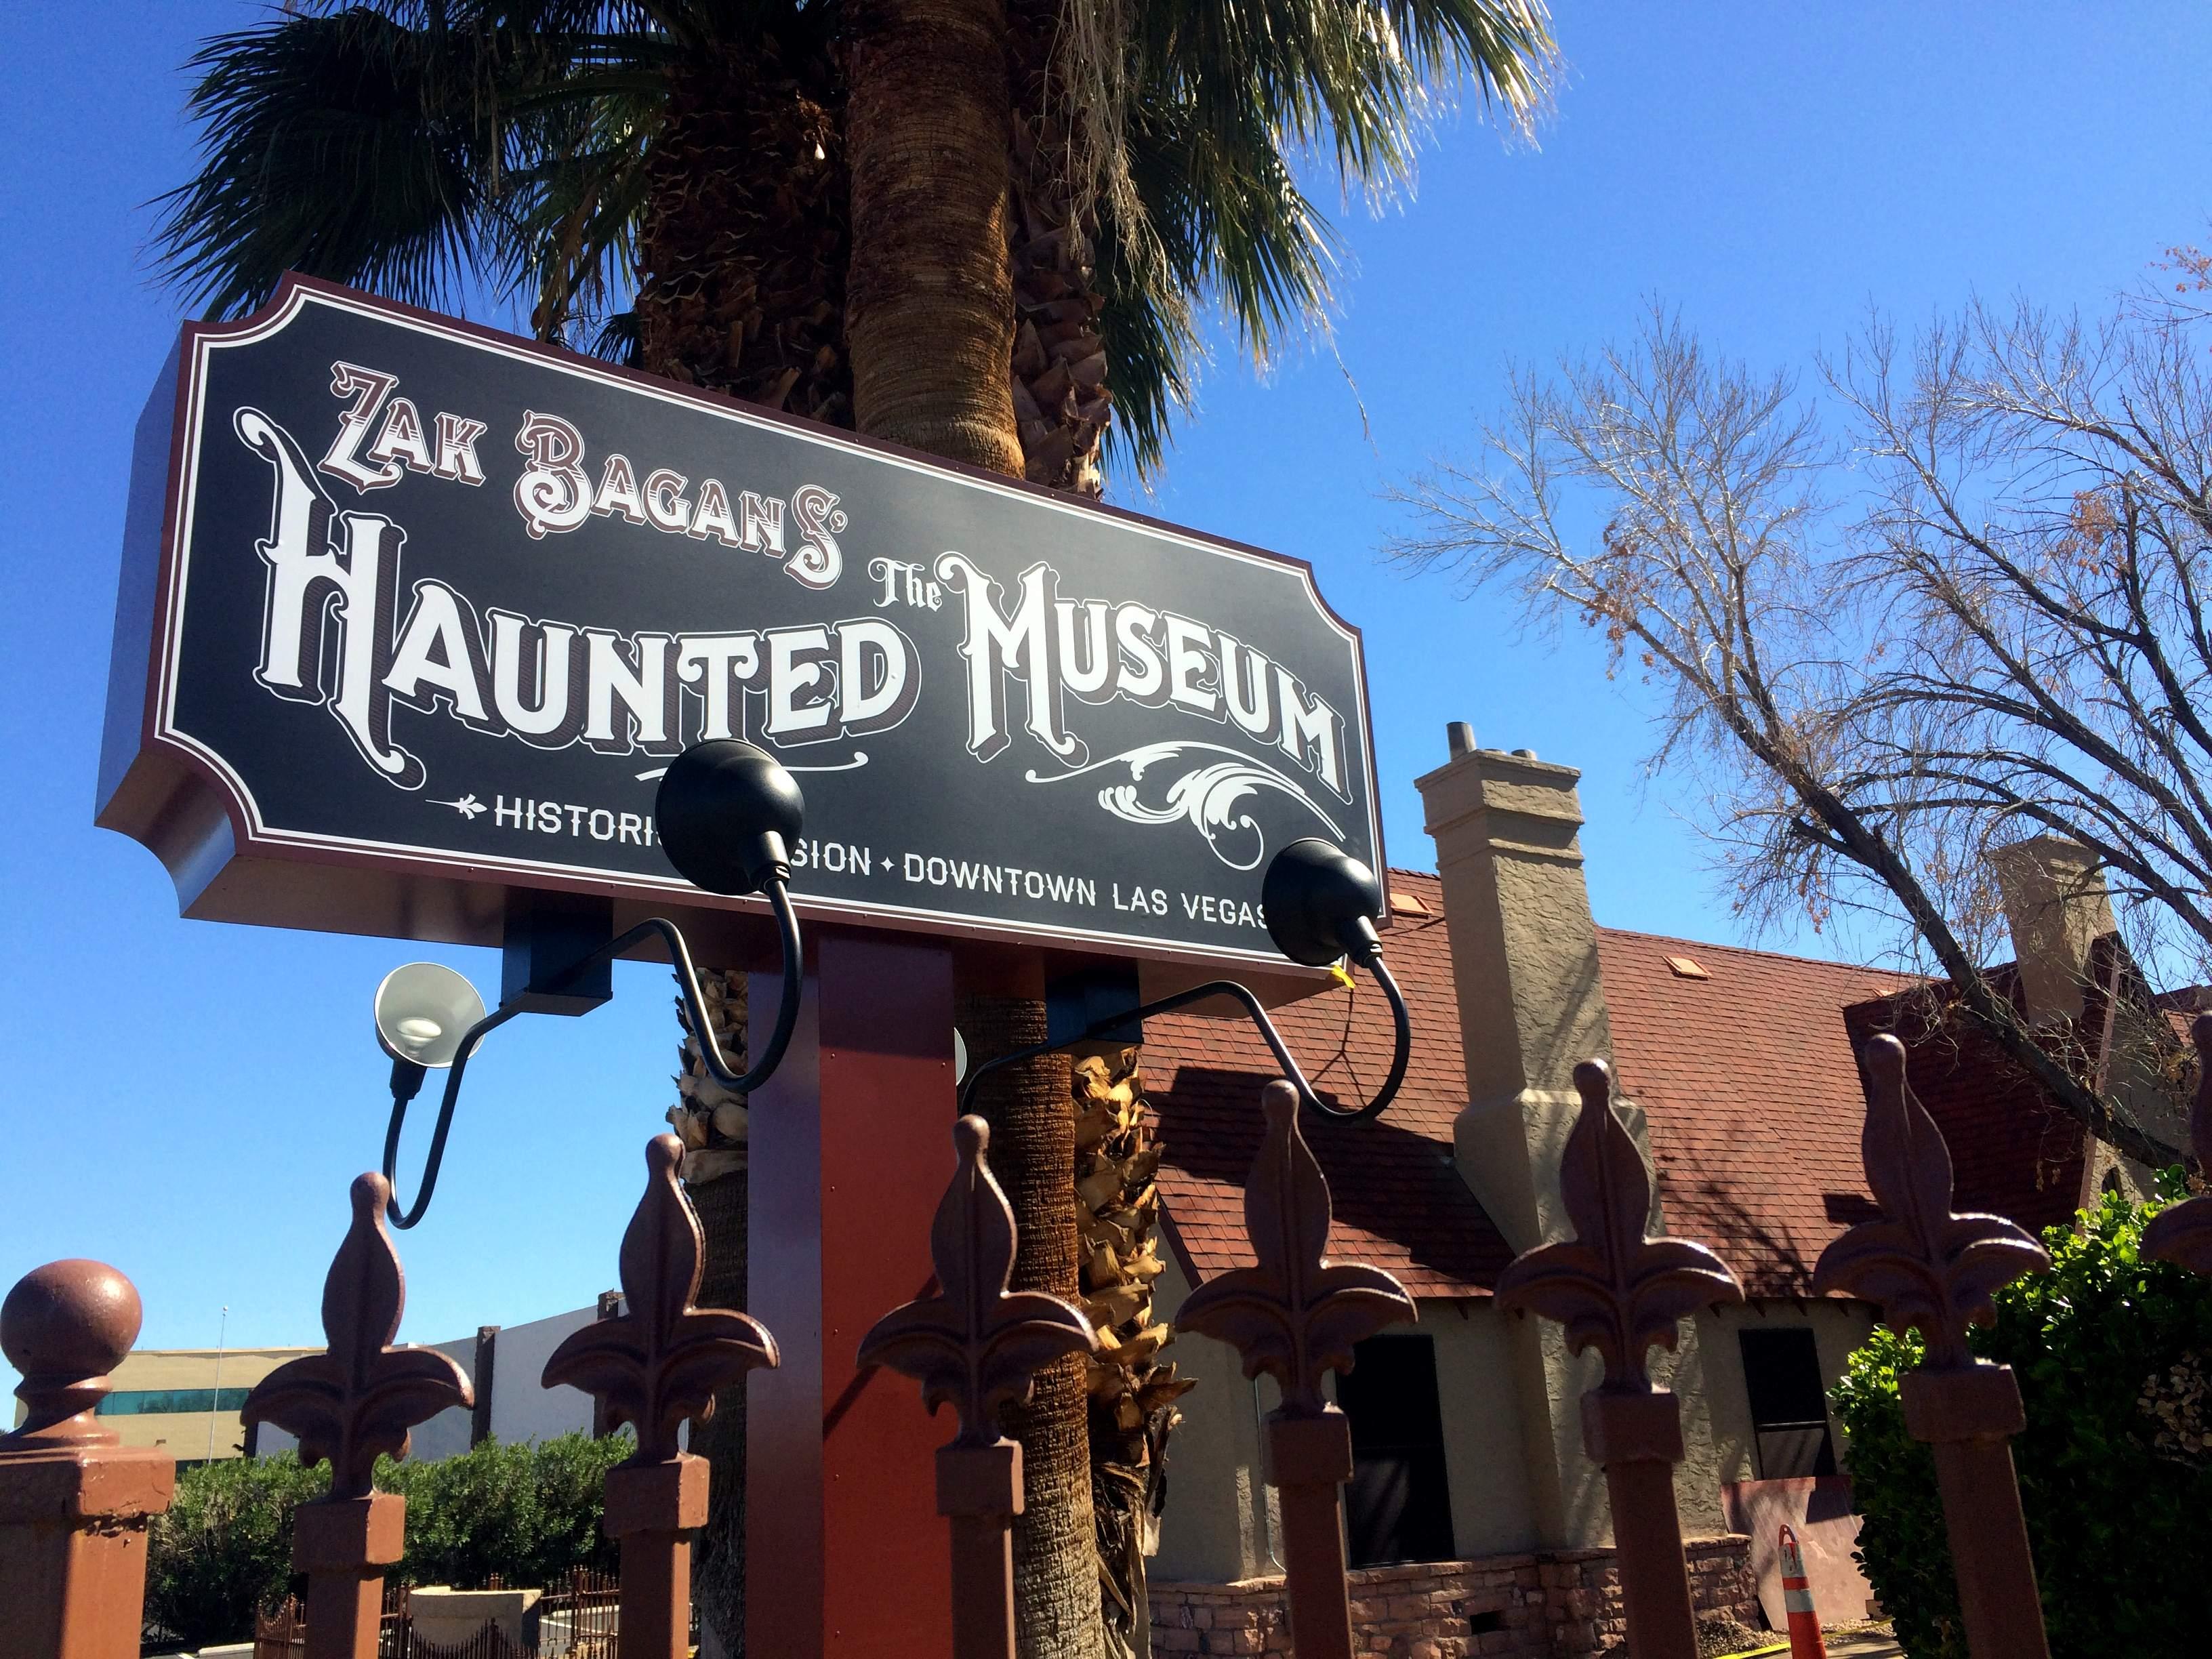 zak bagans haunted museum— ing soon living las vegas